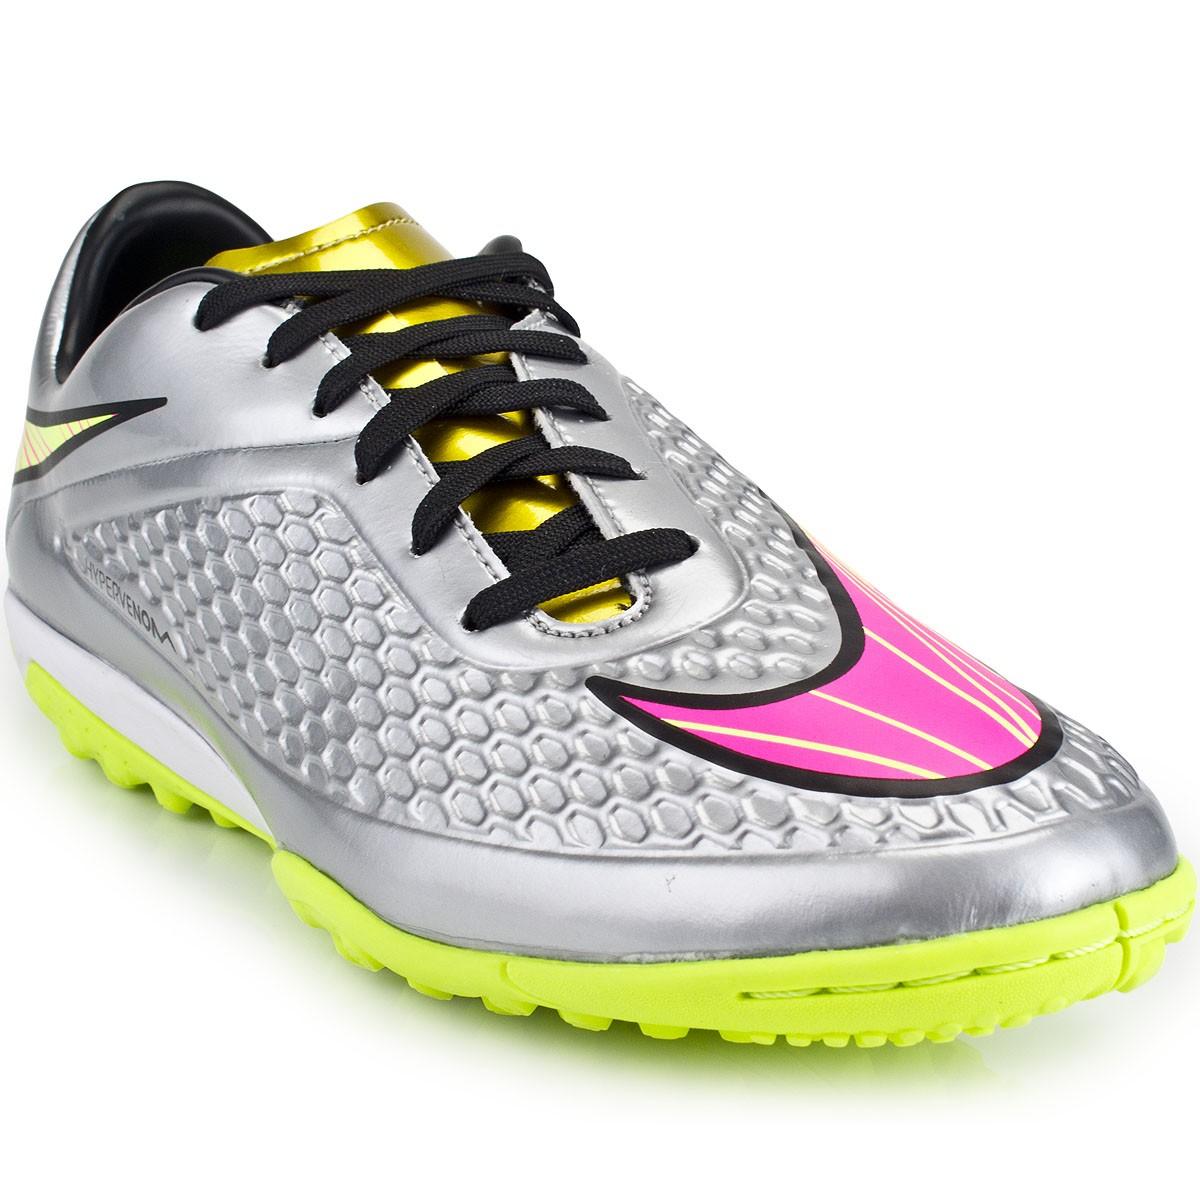 65a67ffb82 Chuteira Nike Hypervenom Phelon Premium TF 677588